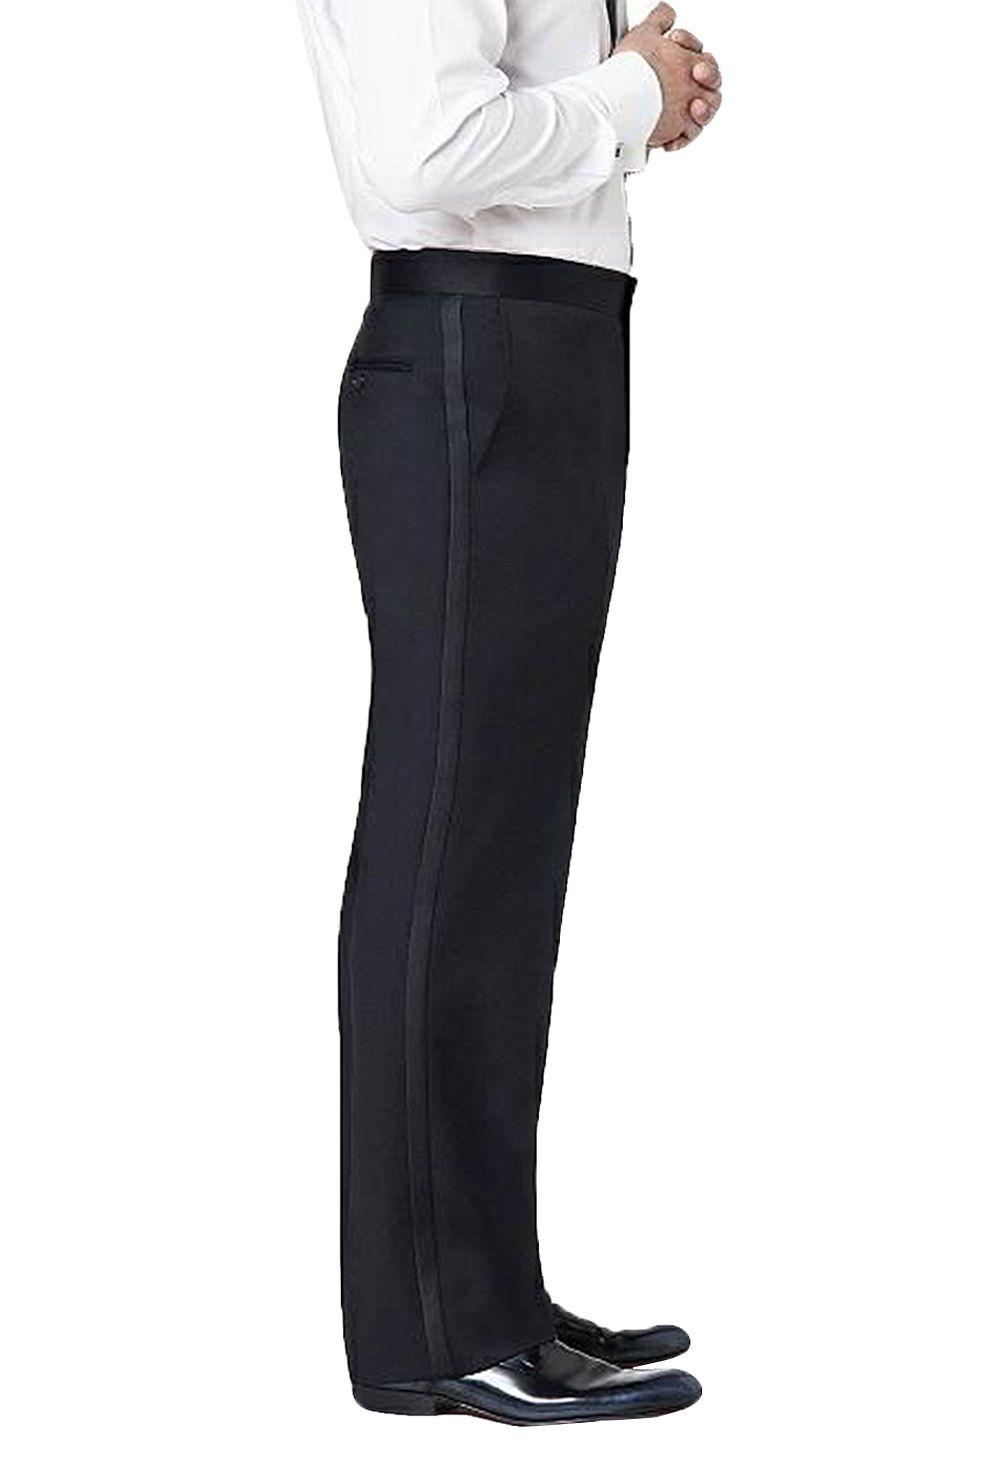 Neil Allyn Neil Allyn Men S Flat Front Comfort Waist Satin Stripe Tuxedo Pants Walmart Com In 2021 Tuxedo Pants Mens Clothing Styles Satin Stripes [ 1469 x 1001 Pixel ]